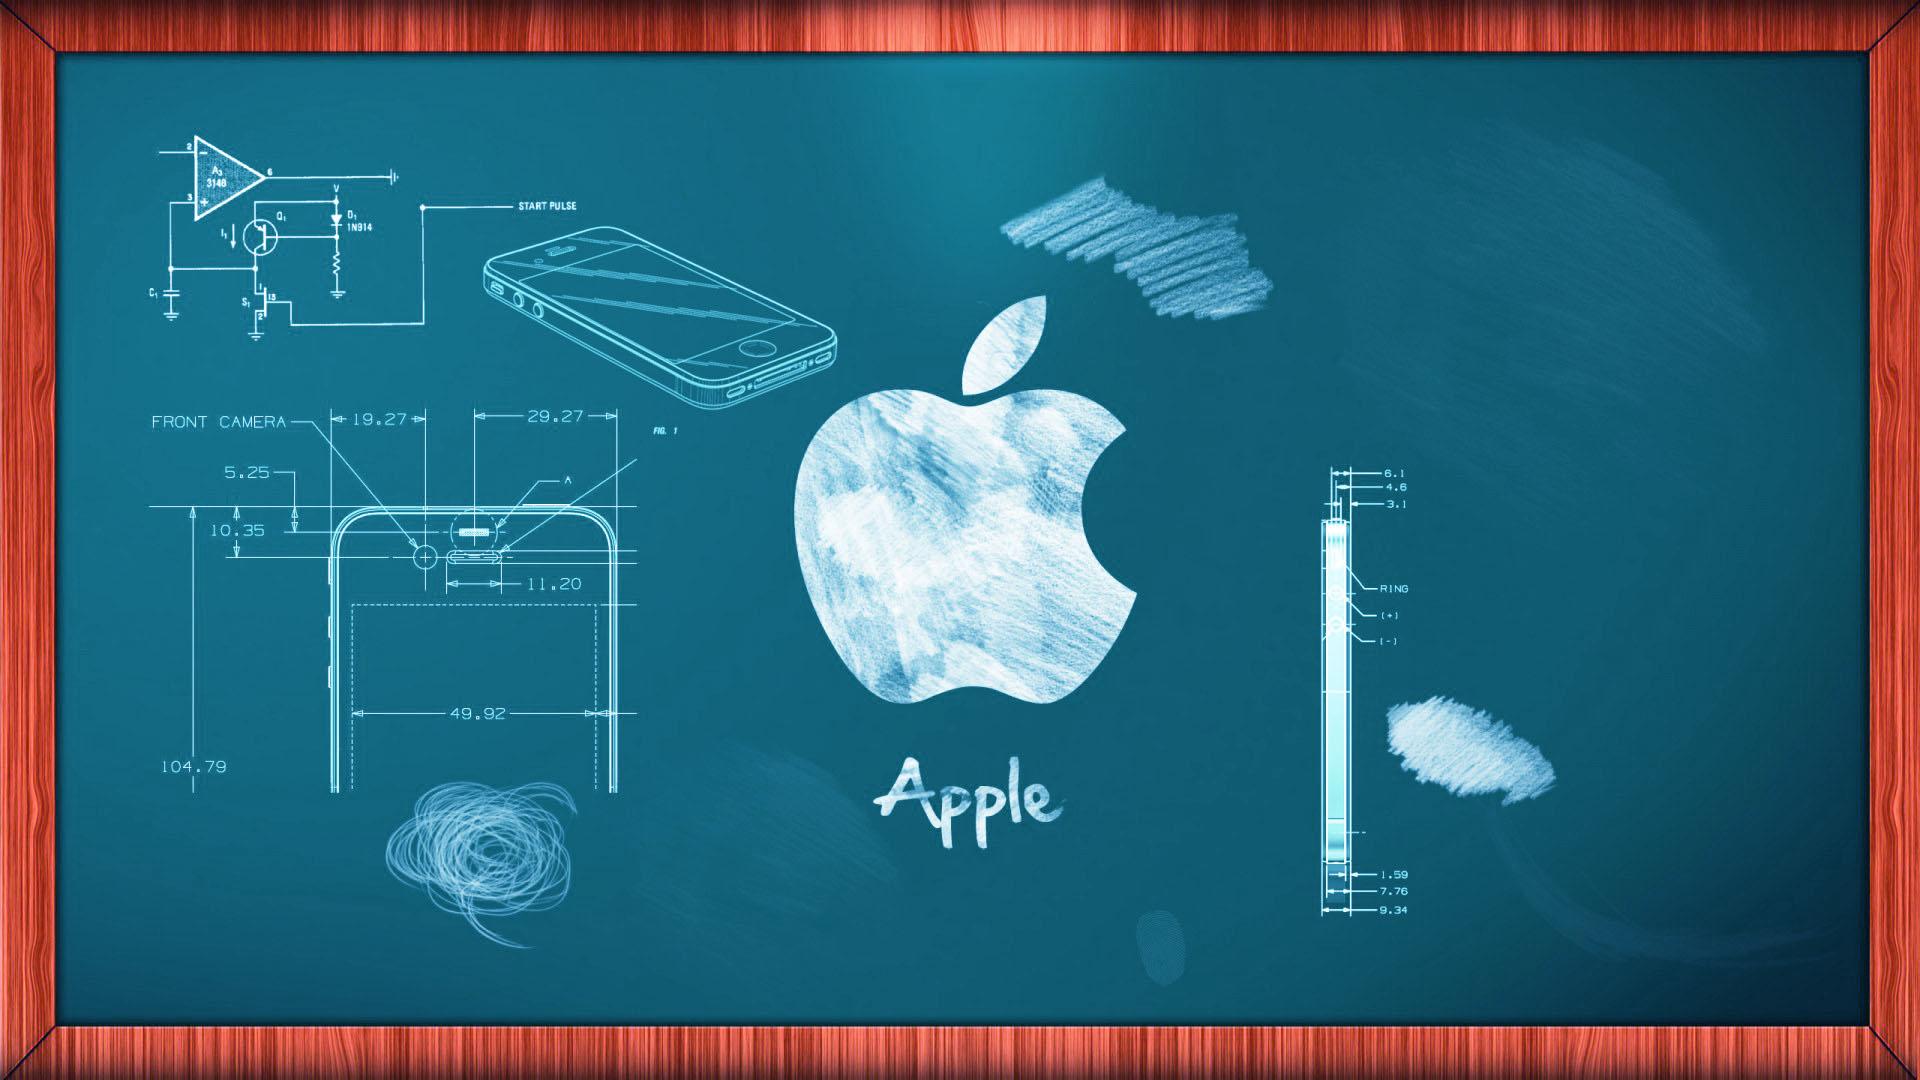 Best Mac Wallpapers 1920x1080